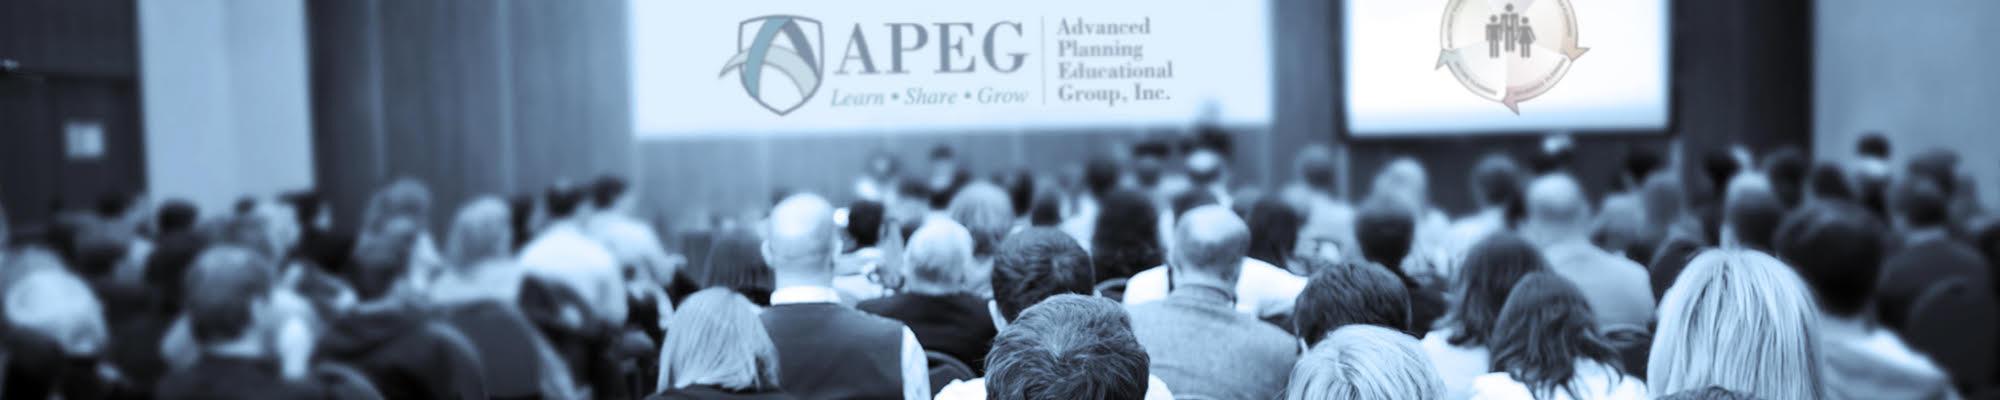 APEG Curriculum Team